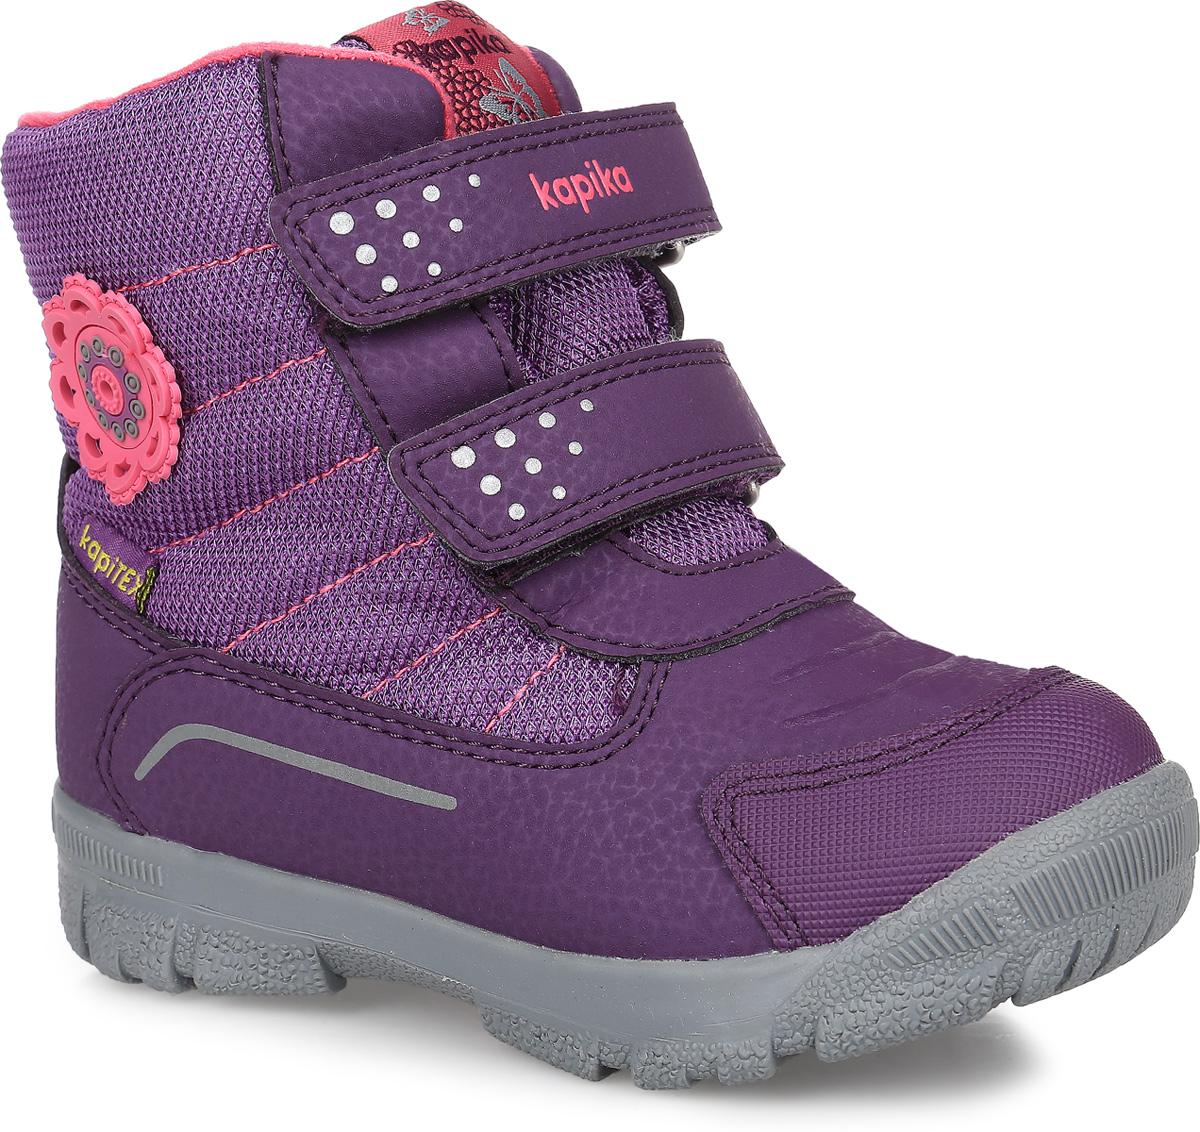 42198-2Ботинки от Kapika придутся по душе вашей девочке. Модель идеально подходит для зимы, сохраняет комфортный микроклимат в обуви как при ношении на улице, так и в помещении. Верх обуви изготовлен из искусственной кожи со вставками из водонепроницаемого текстиля. Два ремешка на застежке-липучке надежно зафиксируют изделие на ноге. Боковая сторона оформлена нашивкой в виде цветка, язычок и верхний ремешок декорированы логотипом бренда. Подкладка и стелька изготовлены из натуральной шерсти, что позволяет сохранить тепло и гарантирует уют ногам. Подошва с рифлением обеспечивает идеальное сцепление с любыми поверхностями. Такие чудесные ботинки займут достойное место в гардеробе вашего ребенка.